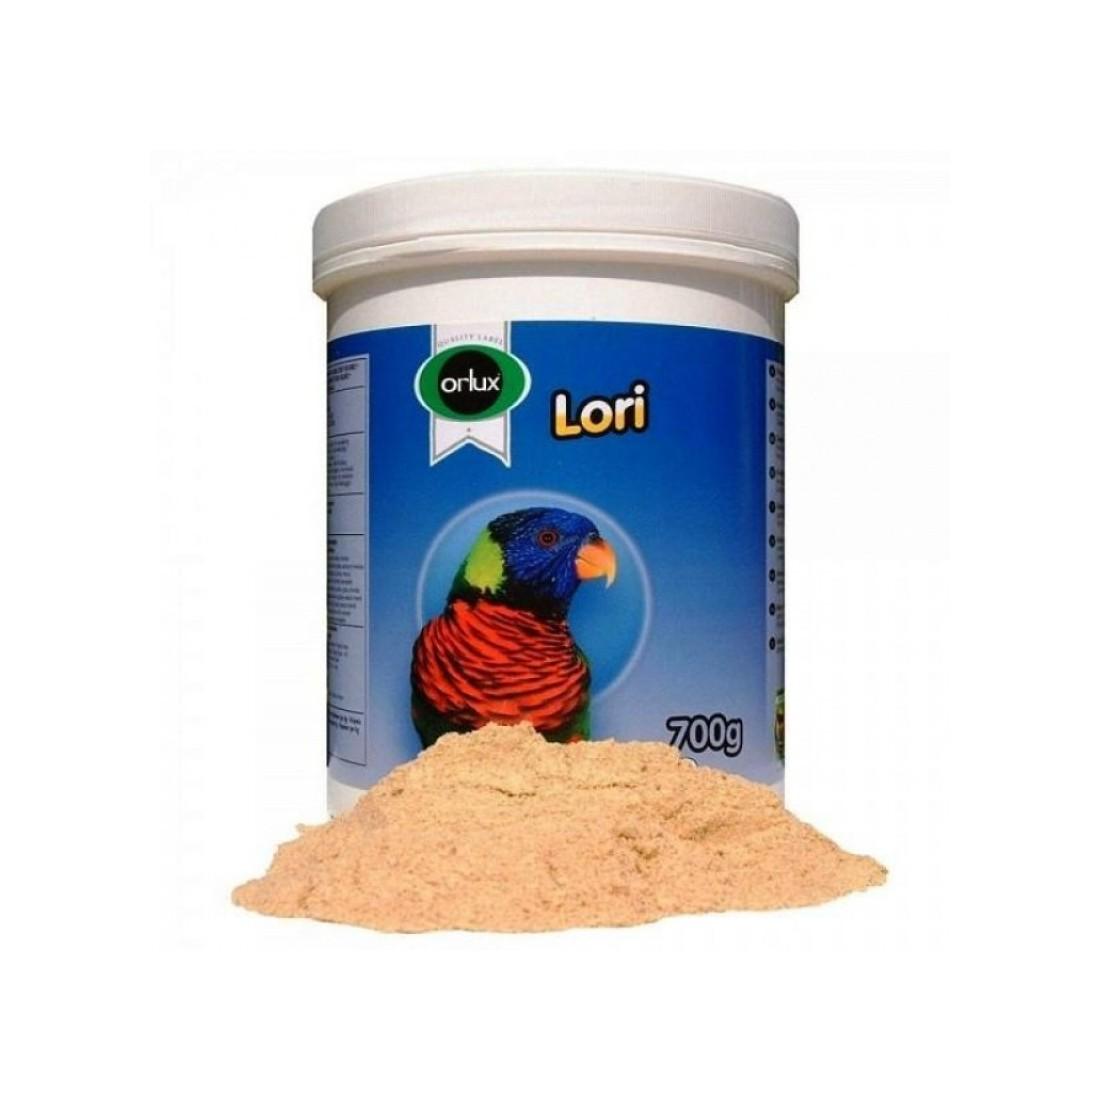 LORI - ORLUX